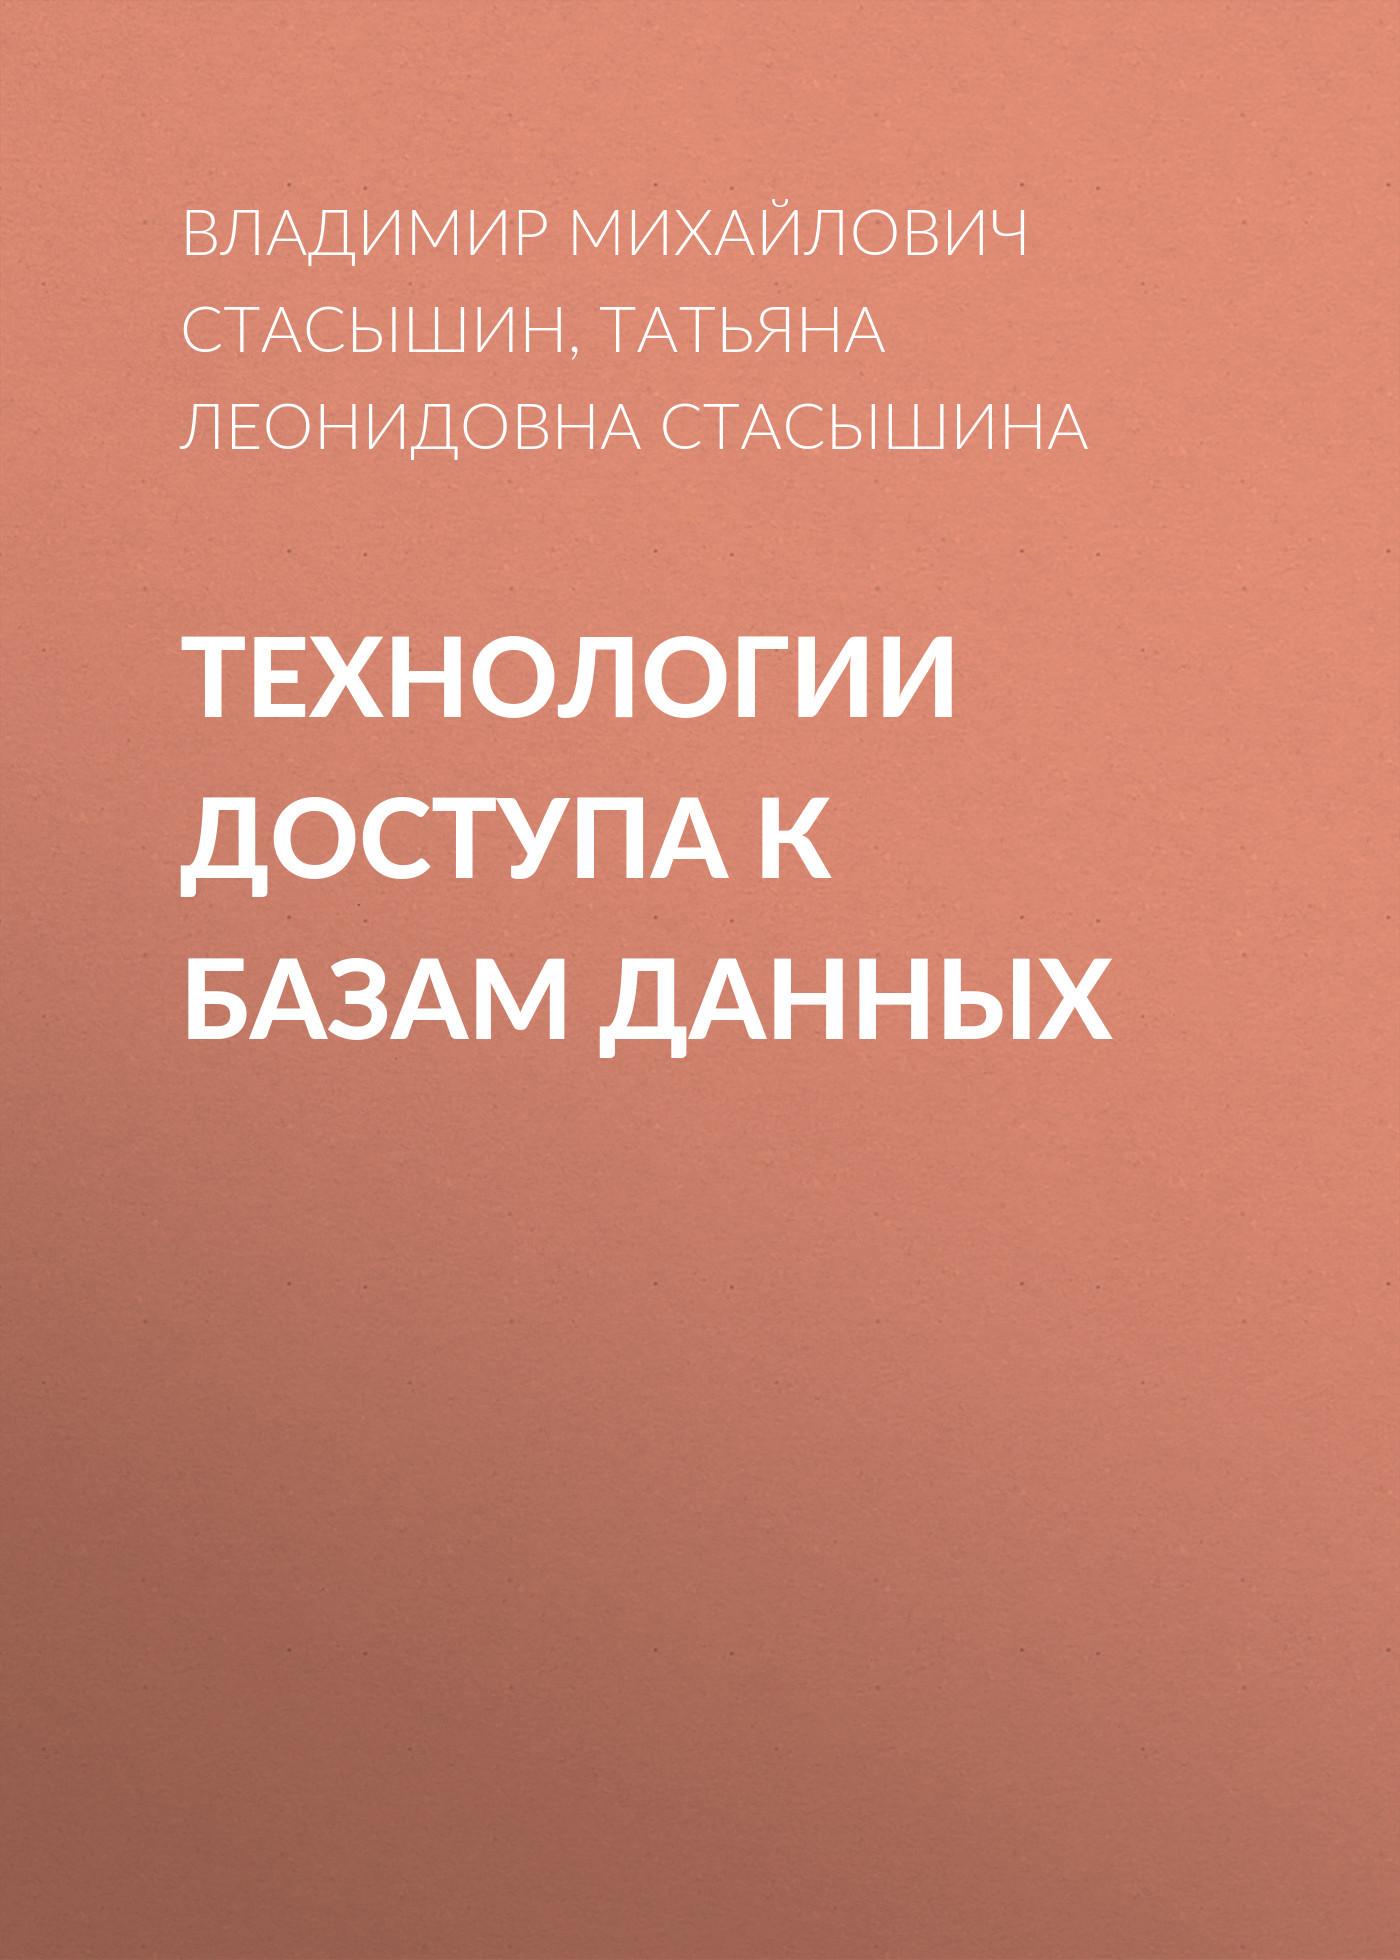 Татьяна Леонидовна Стасышина бесплатно